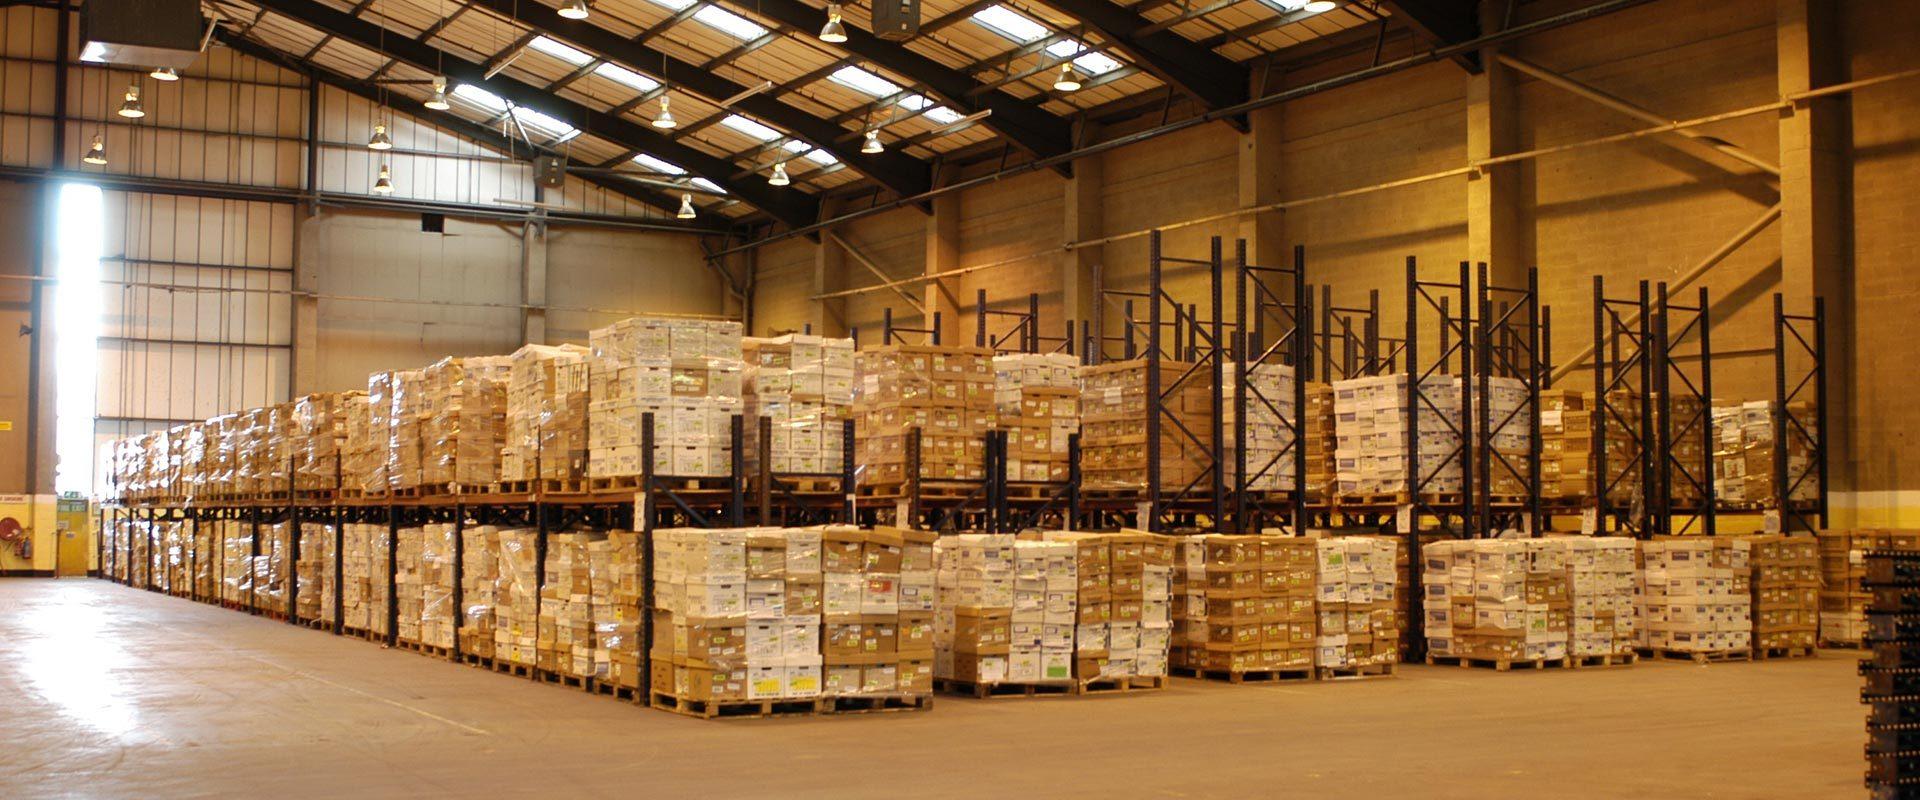 Складское хранение грузов